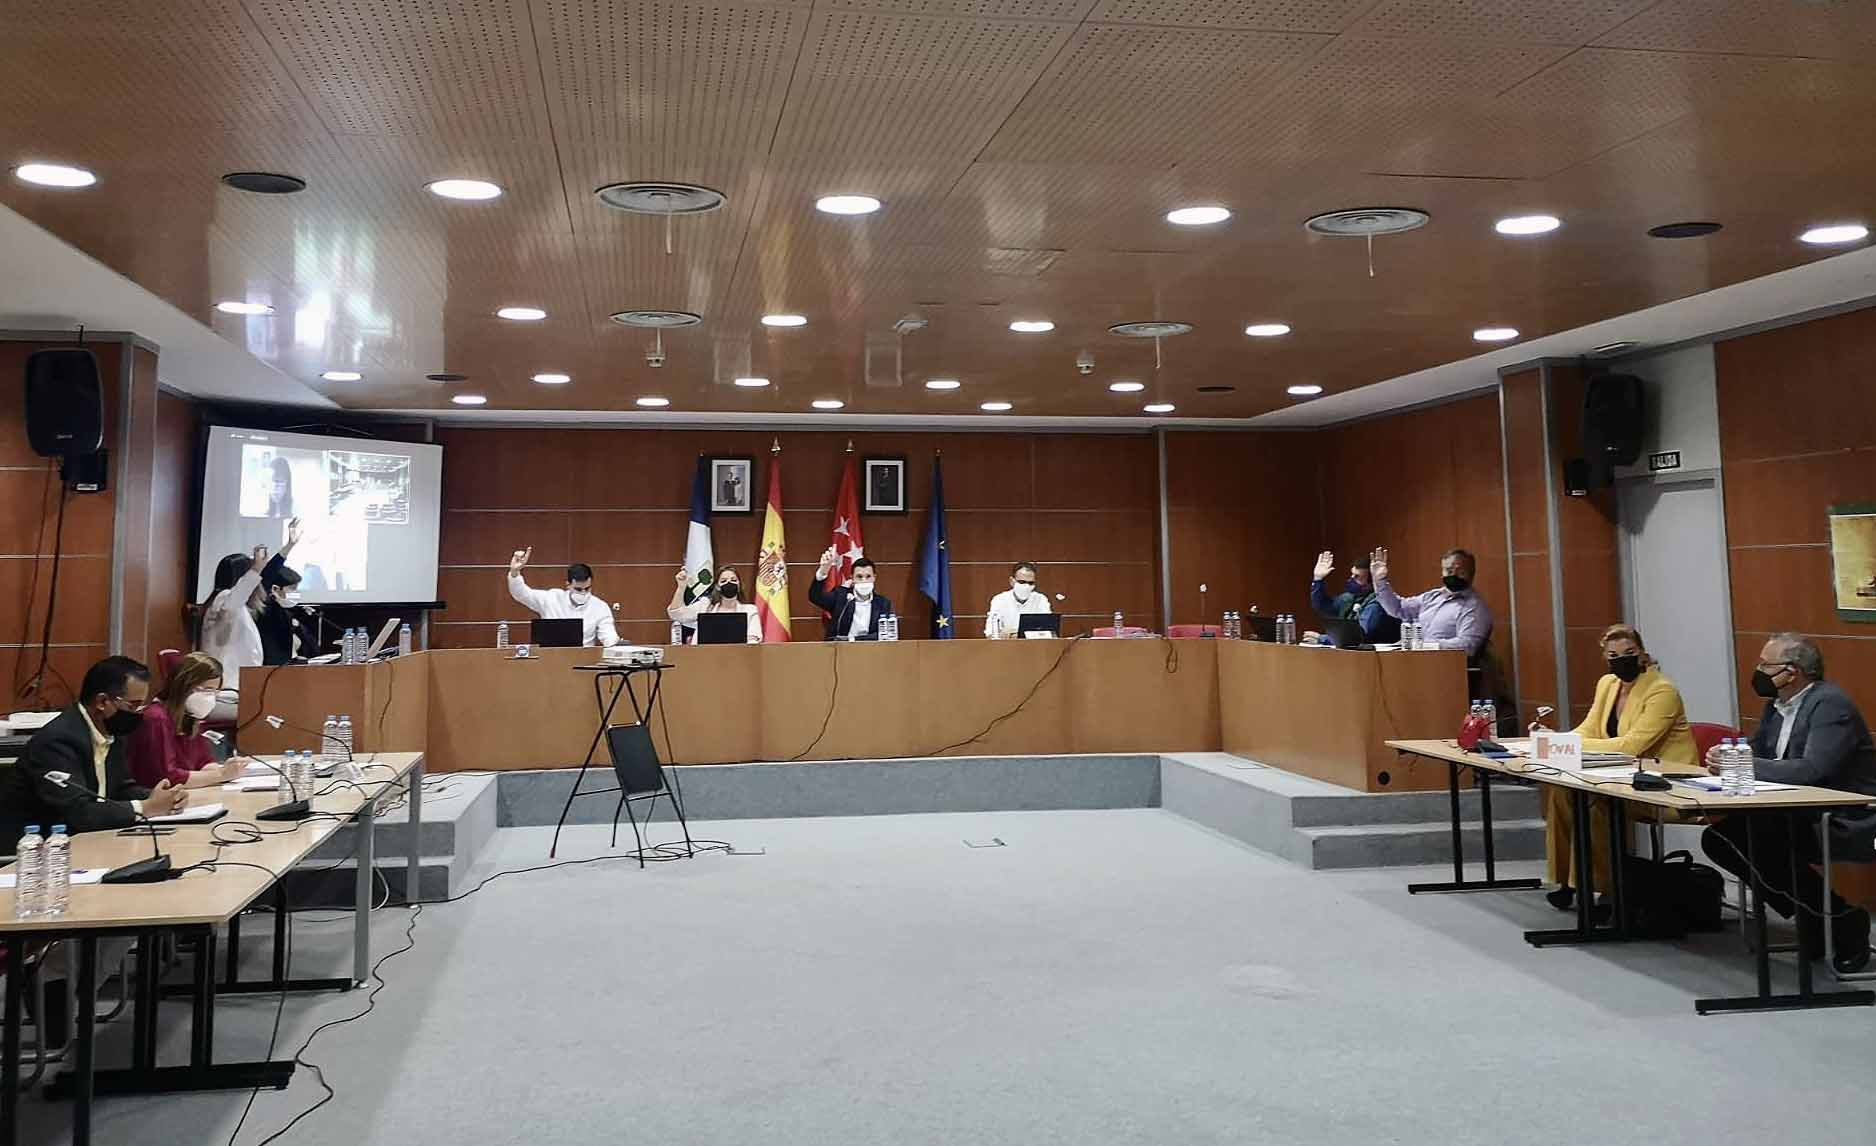 El Ayuntamiento recupera el aparcamiento subterráneo  de la calle La Paz para asumir su gestión  y potenciar la visita y estancia en el casco urbano